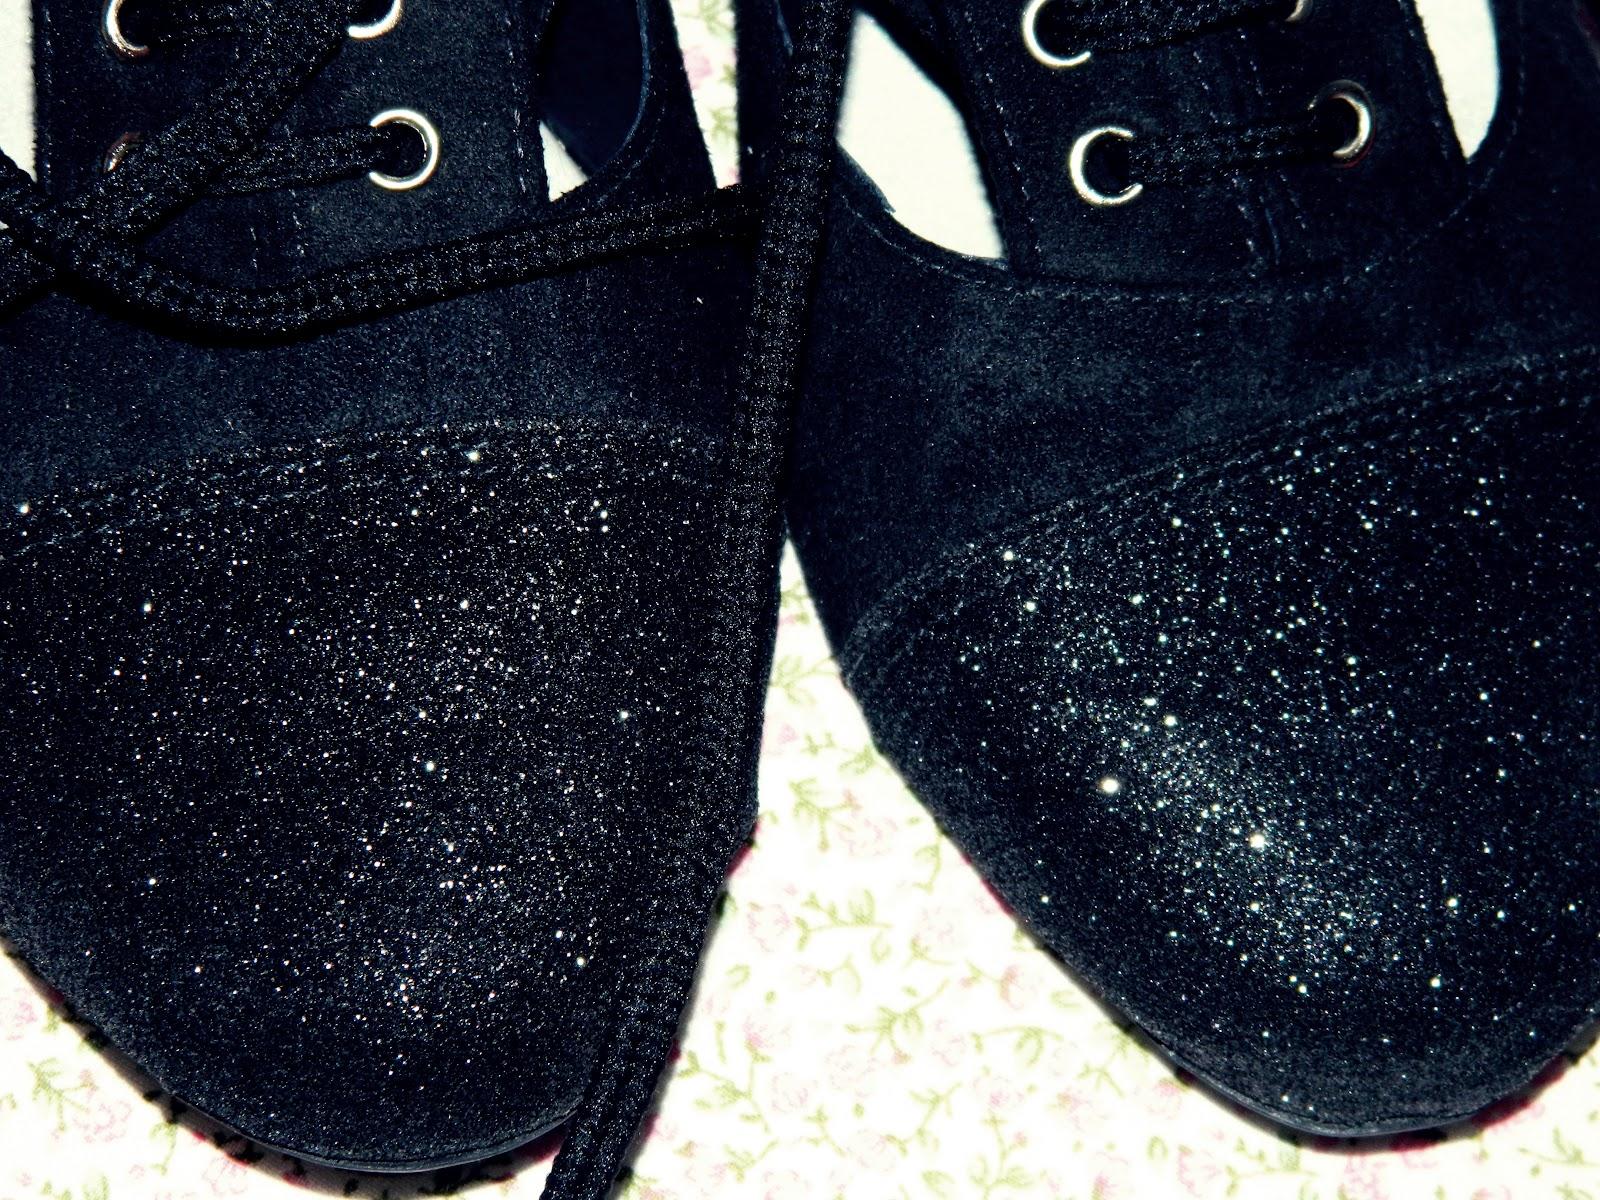 677cad166 O sapato oxford feminino, também conhecido como sapato bicolor é tendência  e promete ser sucesso em qualquer estação do ano, por isso além de ser  facil de ...